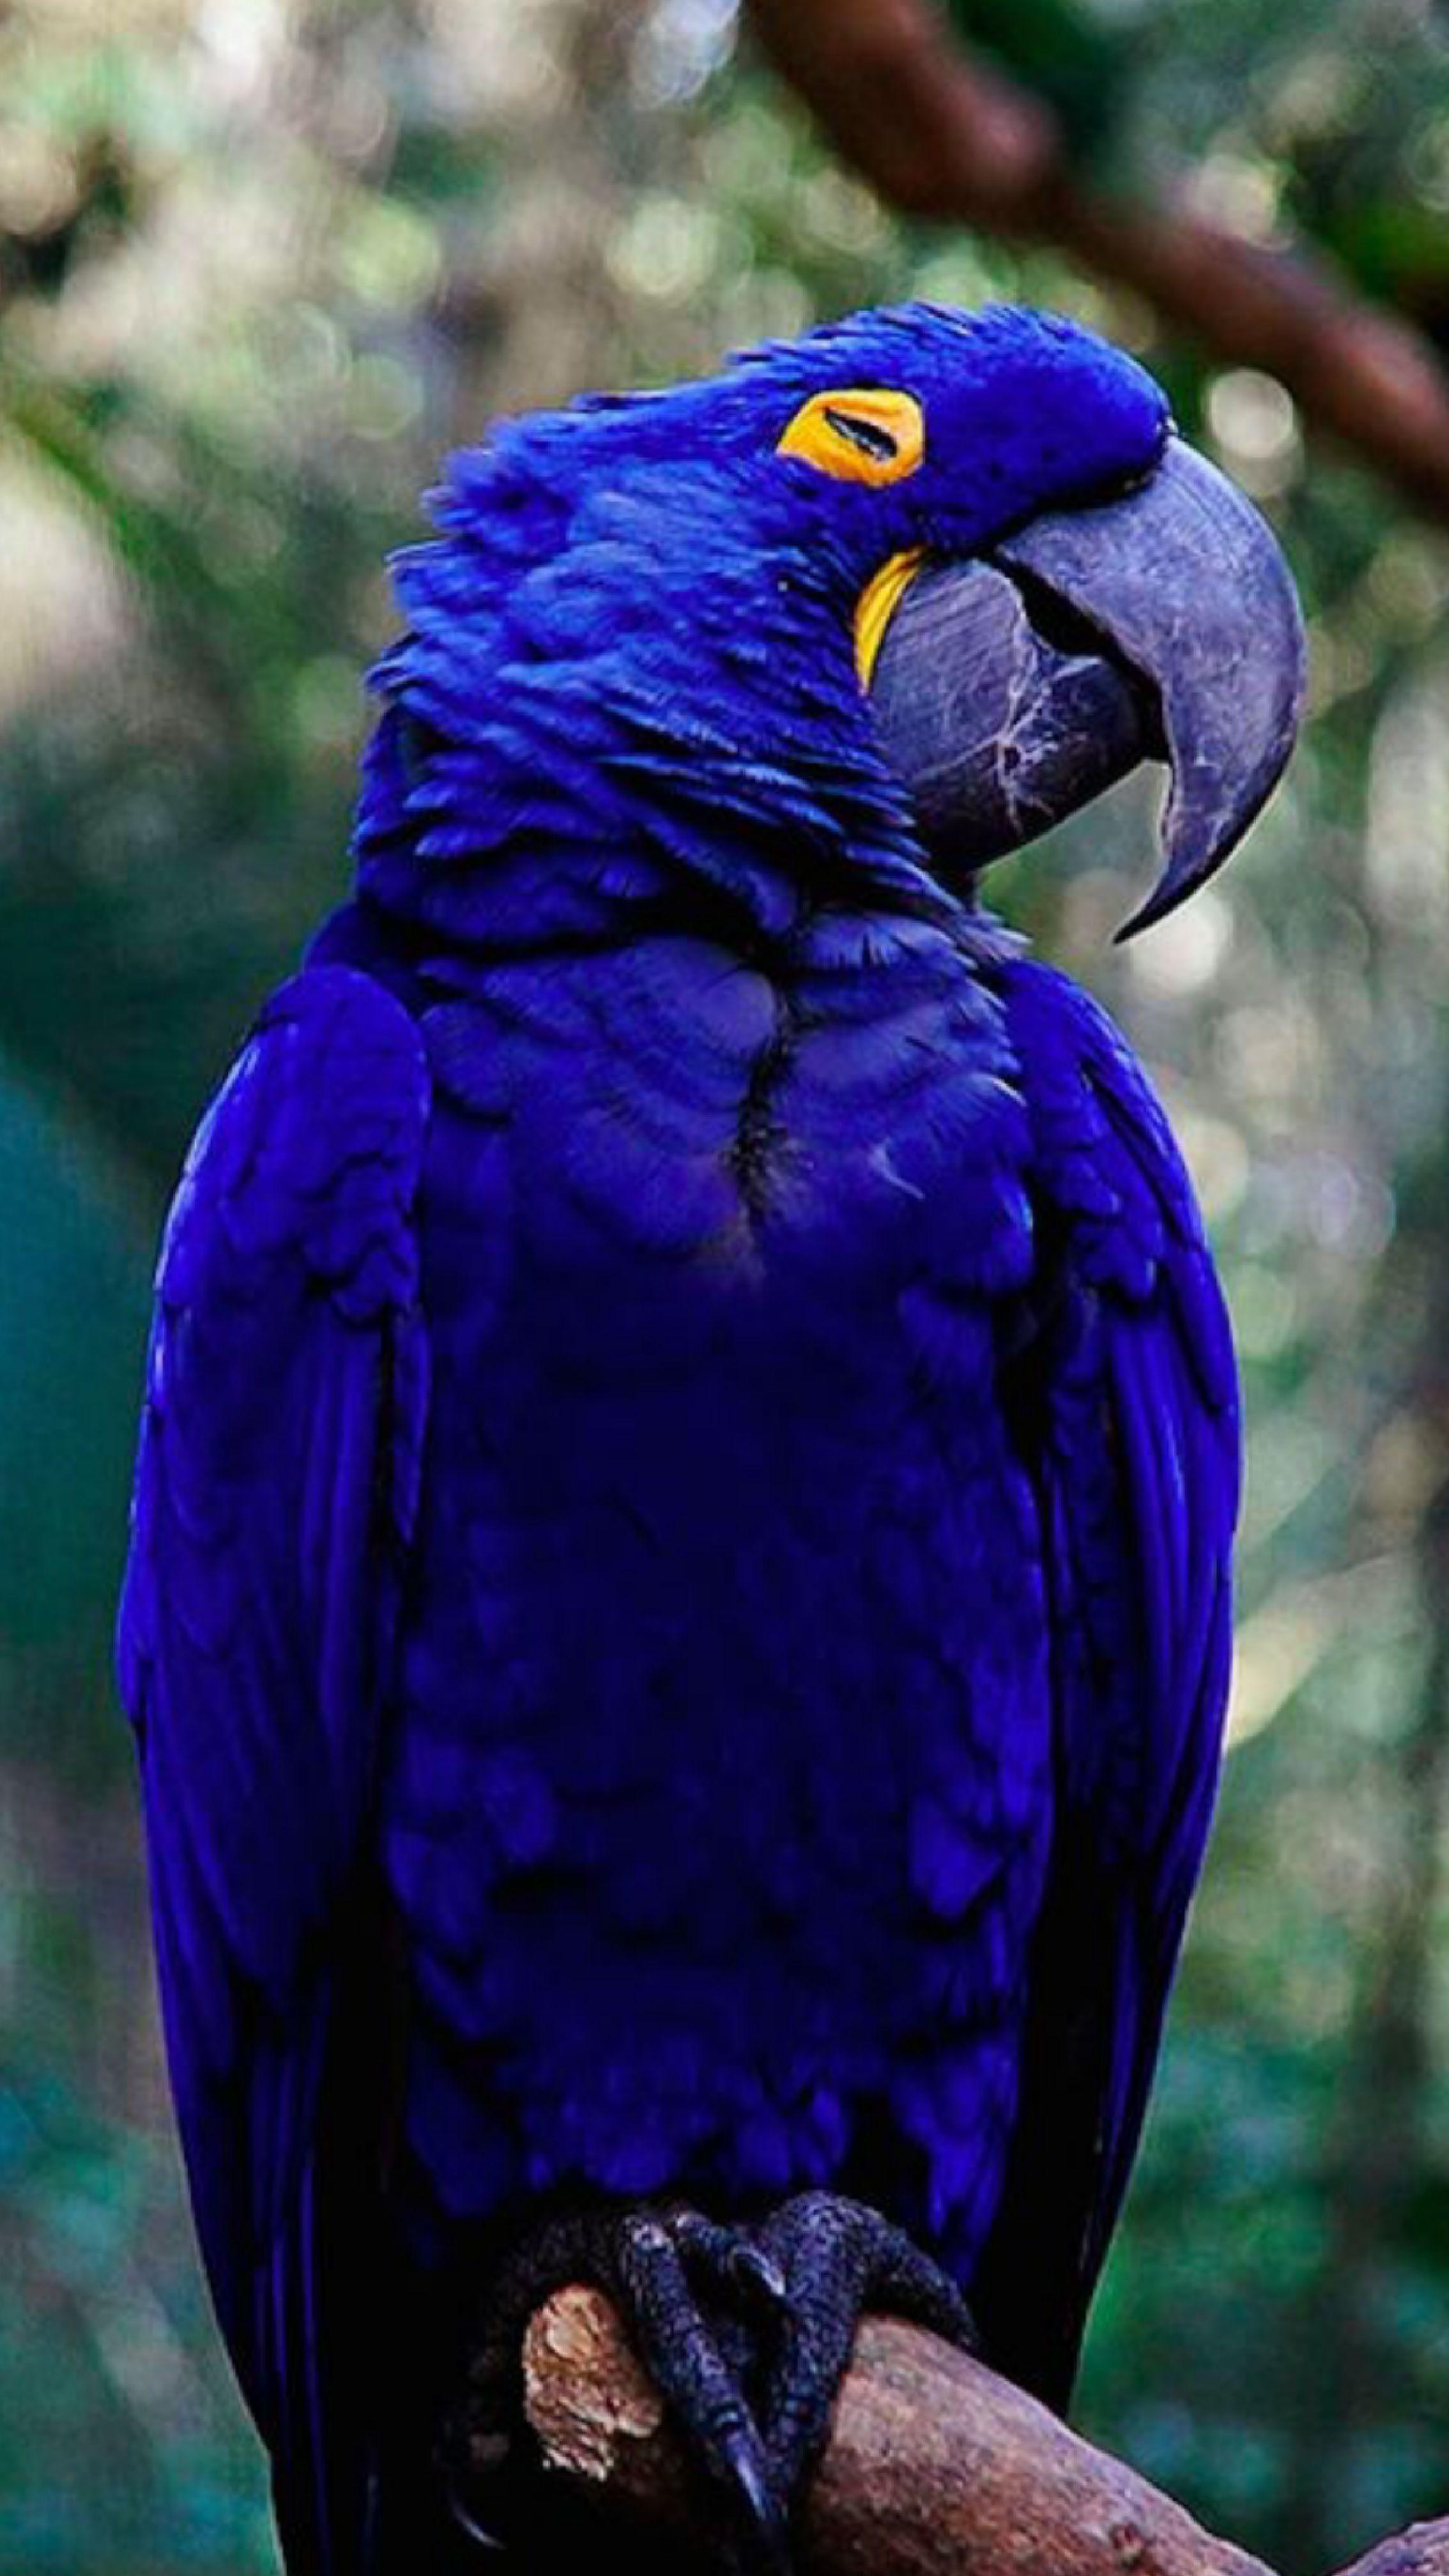 Pin de monica leccio en aves | Pinterest | Pájaro, Ave y Aves exóticas